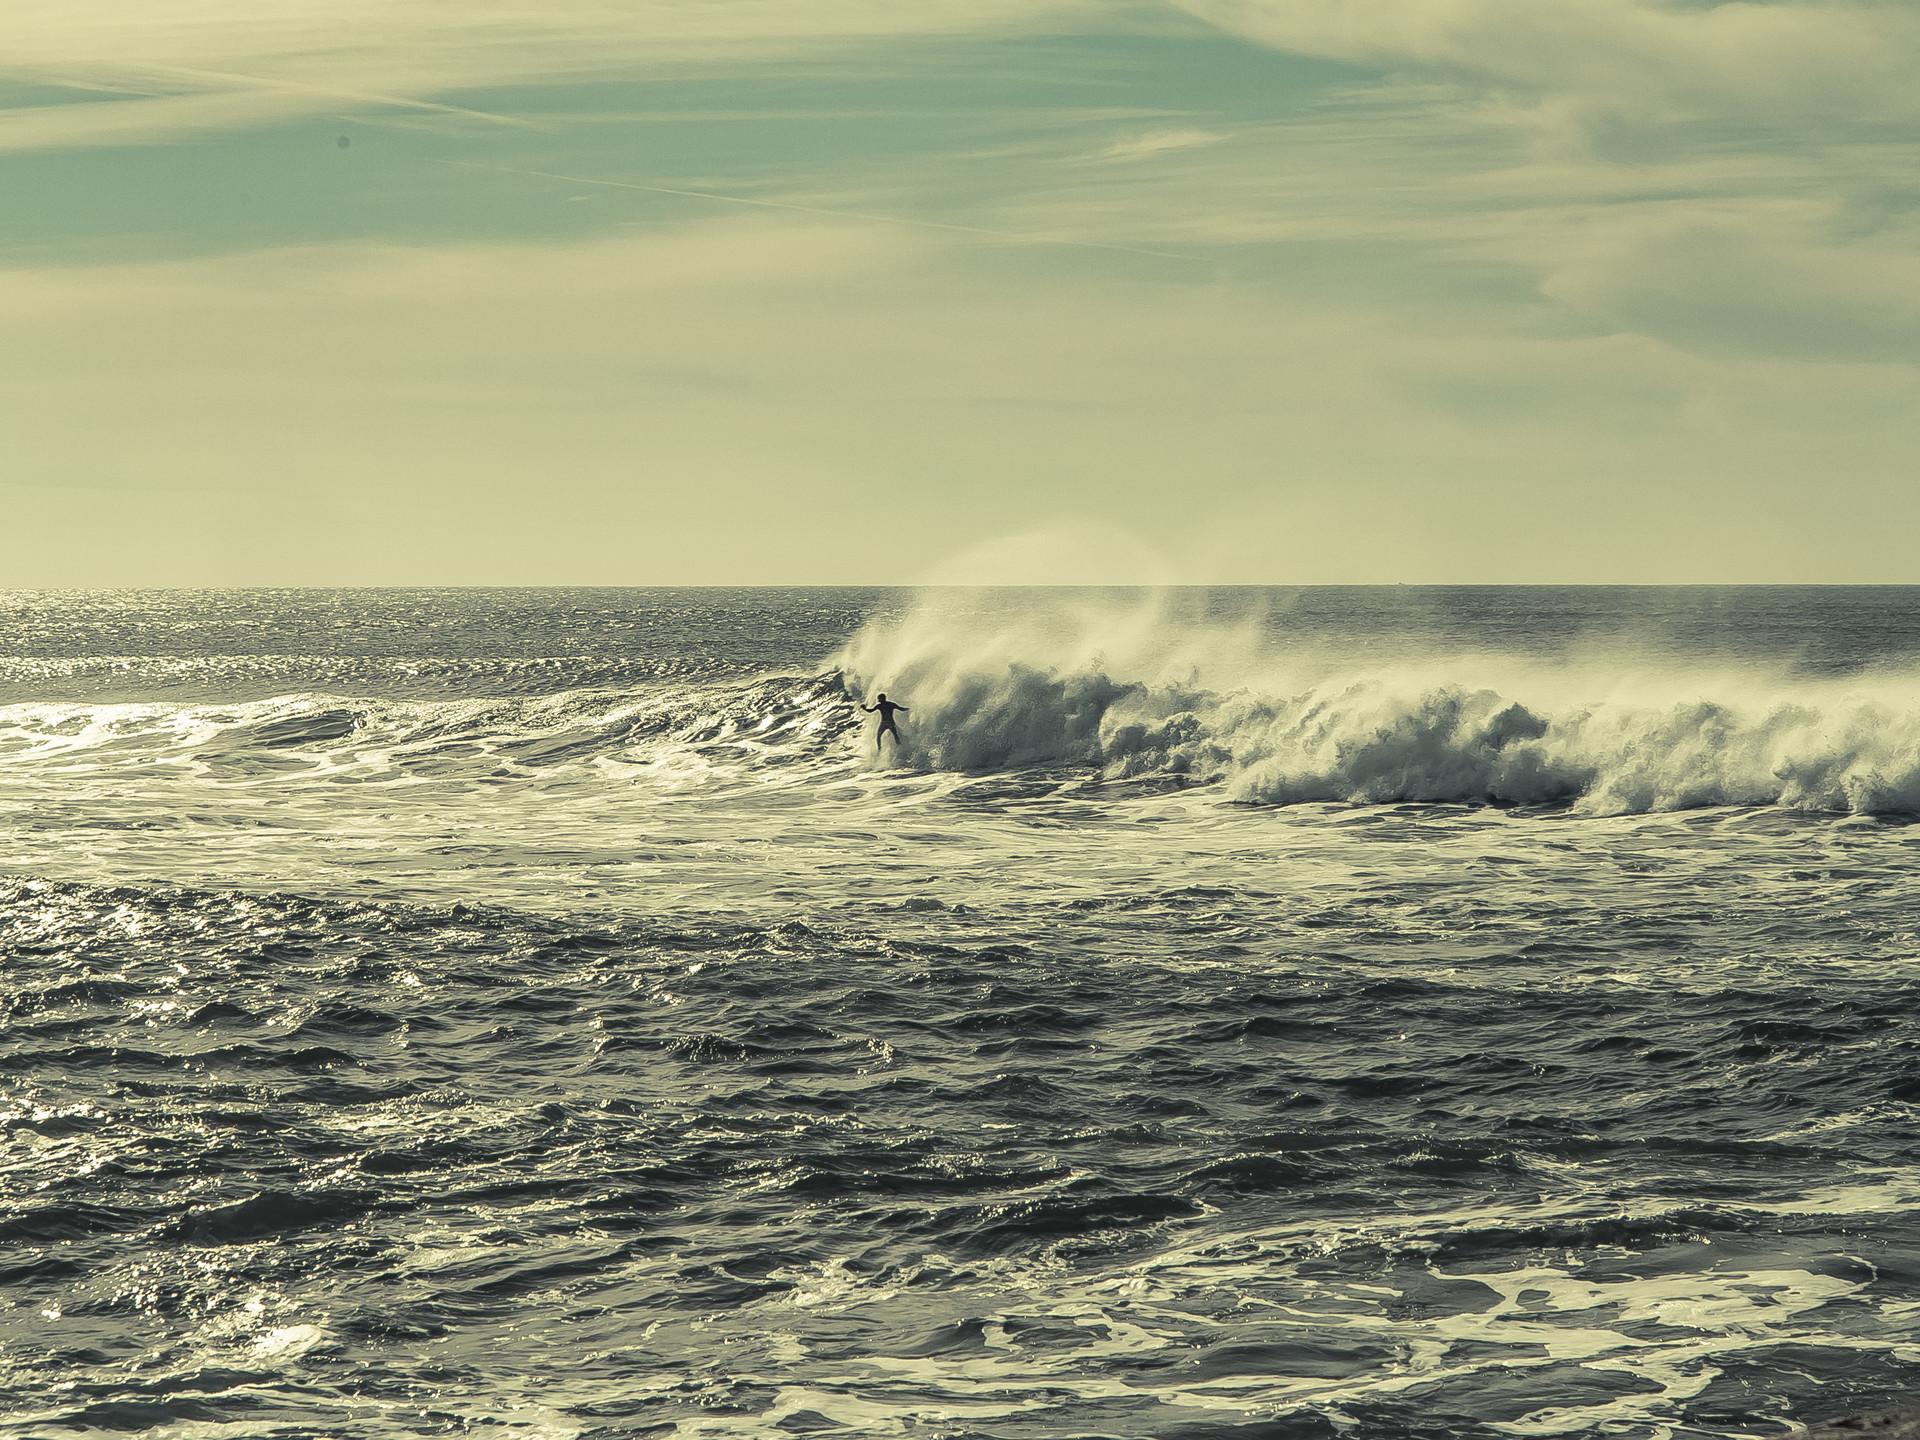 surfing-lisbon-34fd1efe1b6970c7bd1f3244d